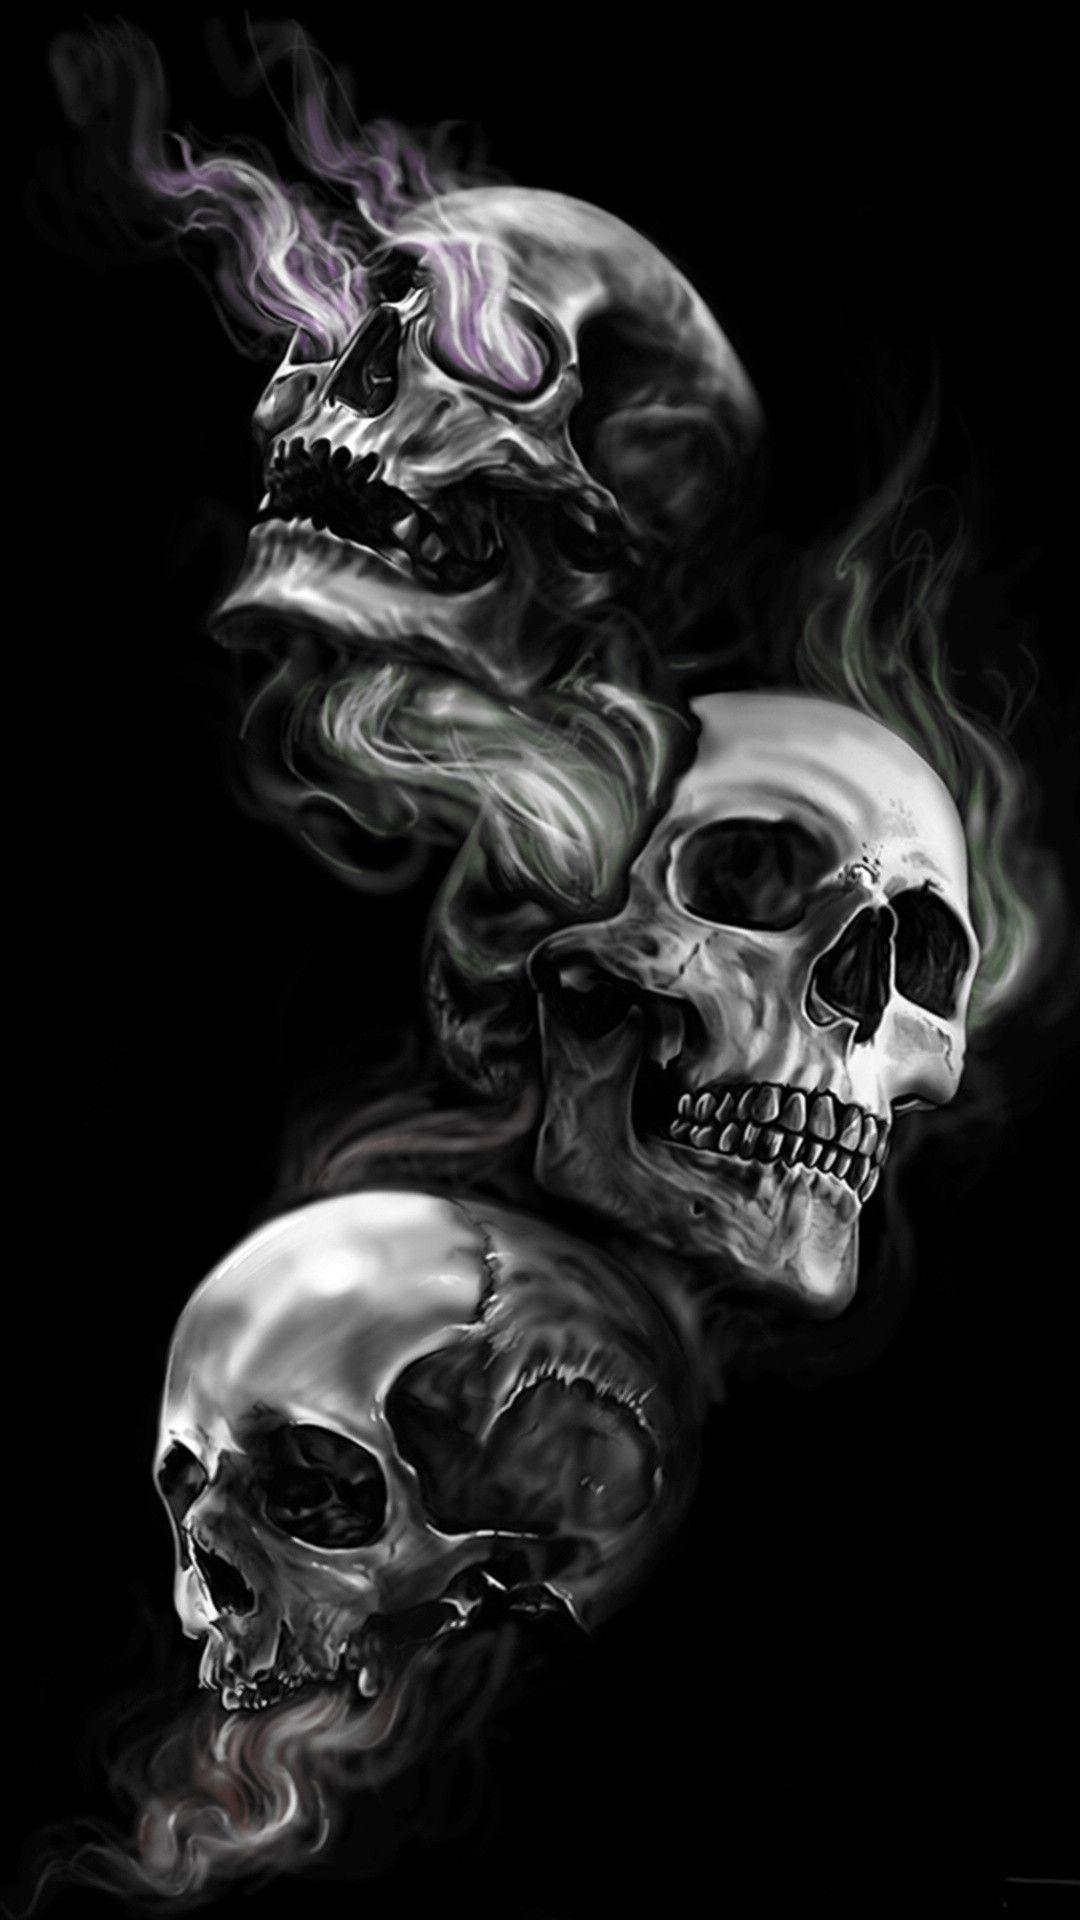 62 Badass Skull Wallpapers On Wallpaperplay Skull Wallpaper Iphone Skulls Drawing Black Skulls Wallpaper